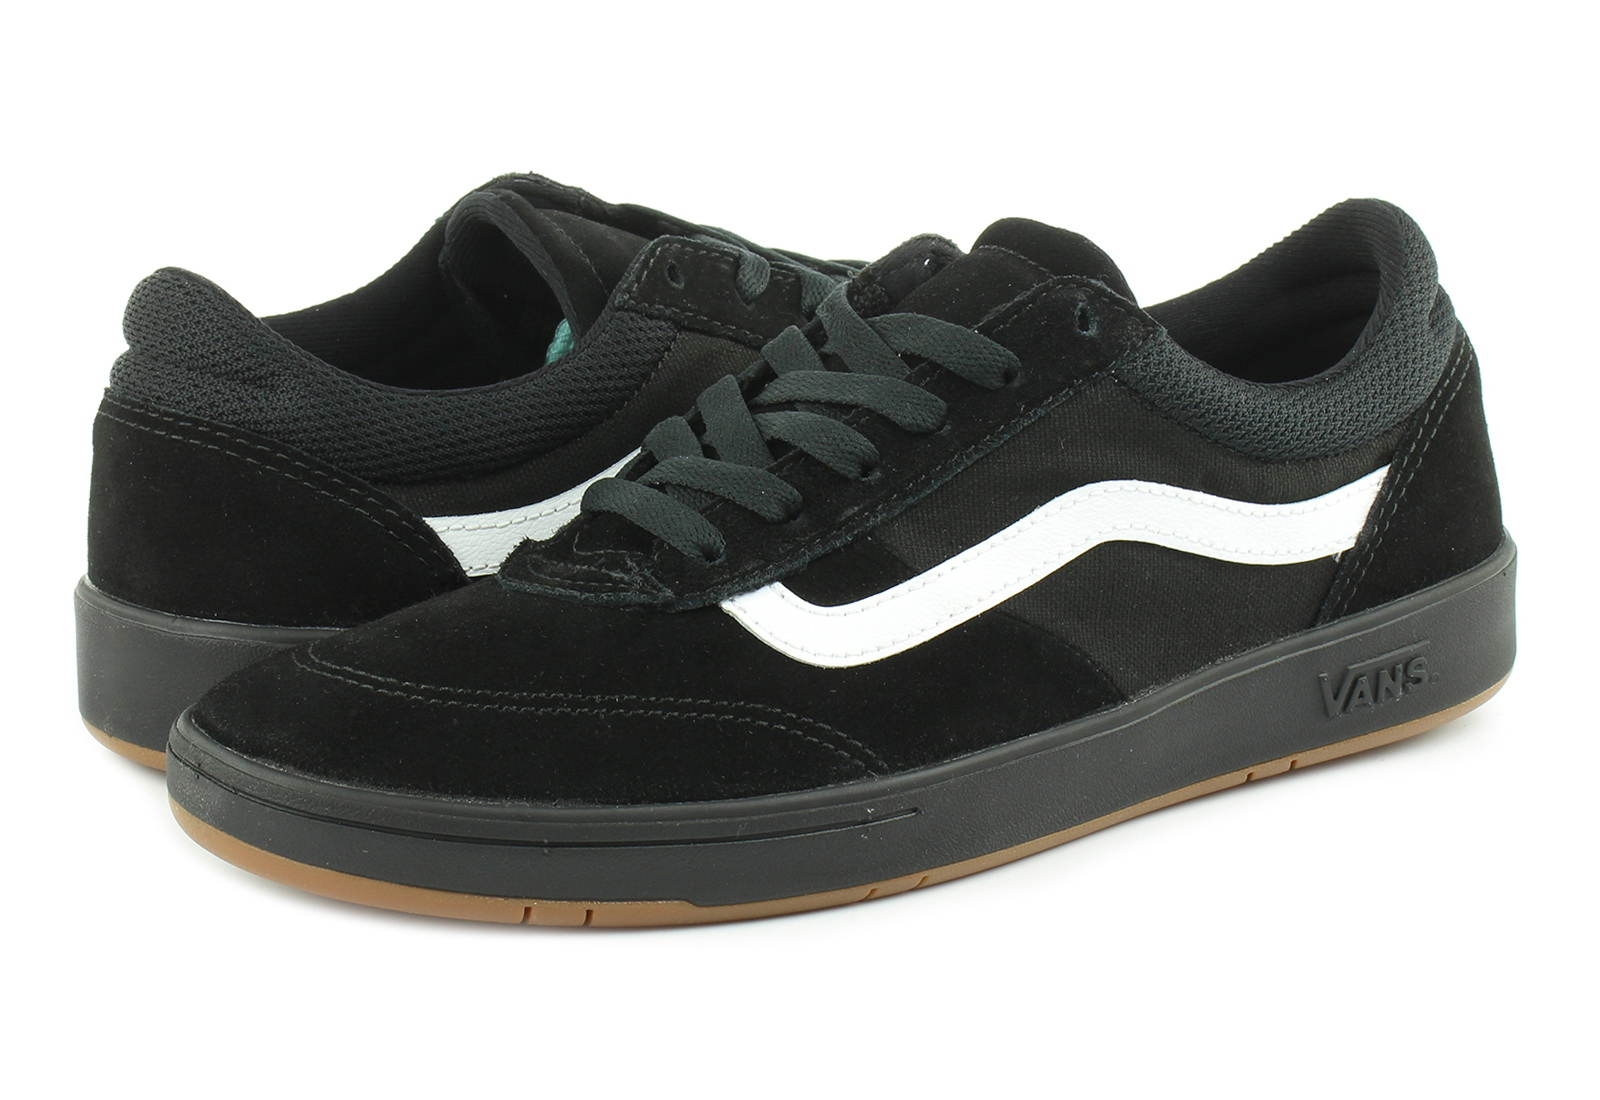 Vans Cipele Ua Cruze Cc